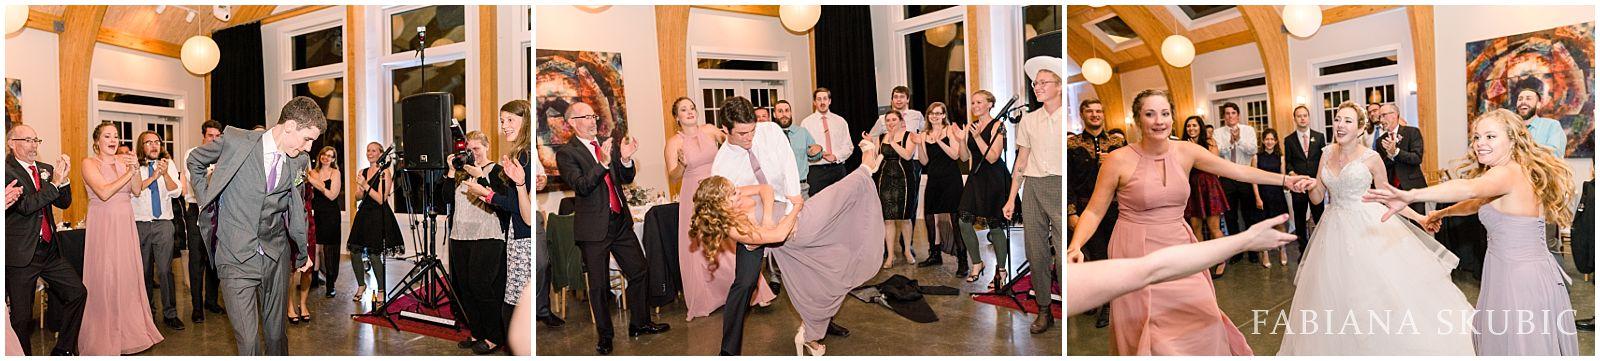 FabianaSkubic_J&M_FullMoonResort_Wedding_0092.jpg